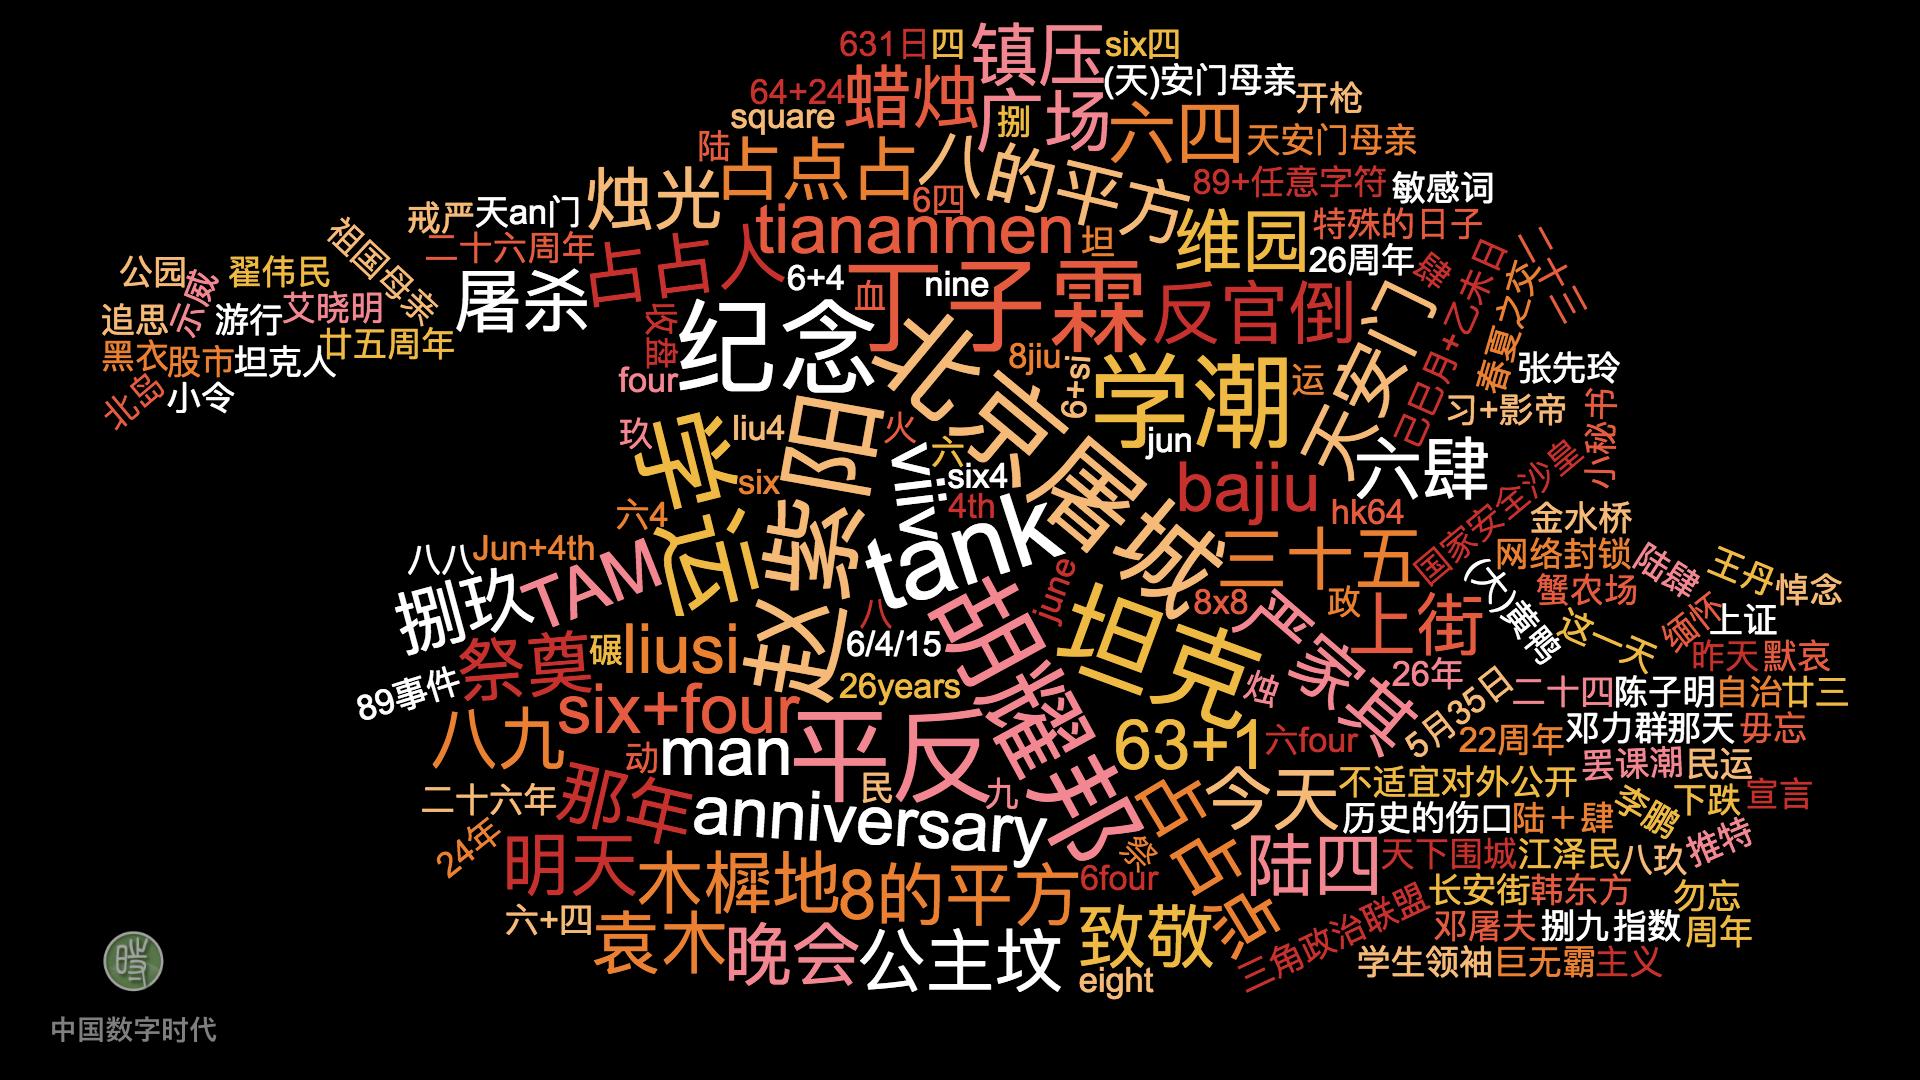 【图说天朝】互联网上的六四:历年禁词集锦